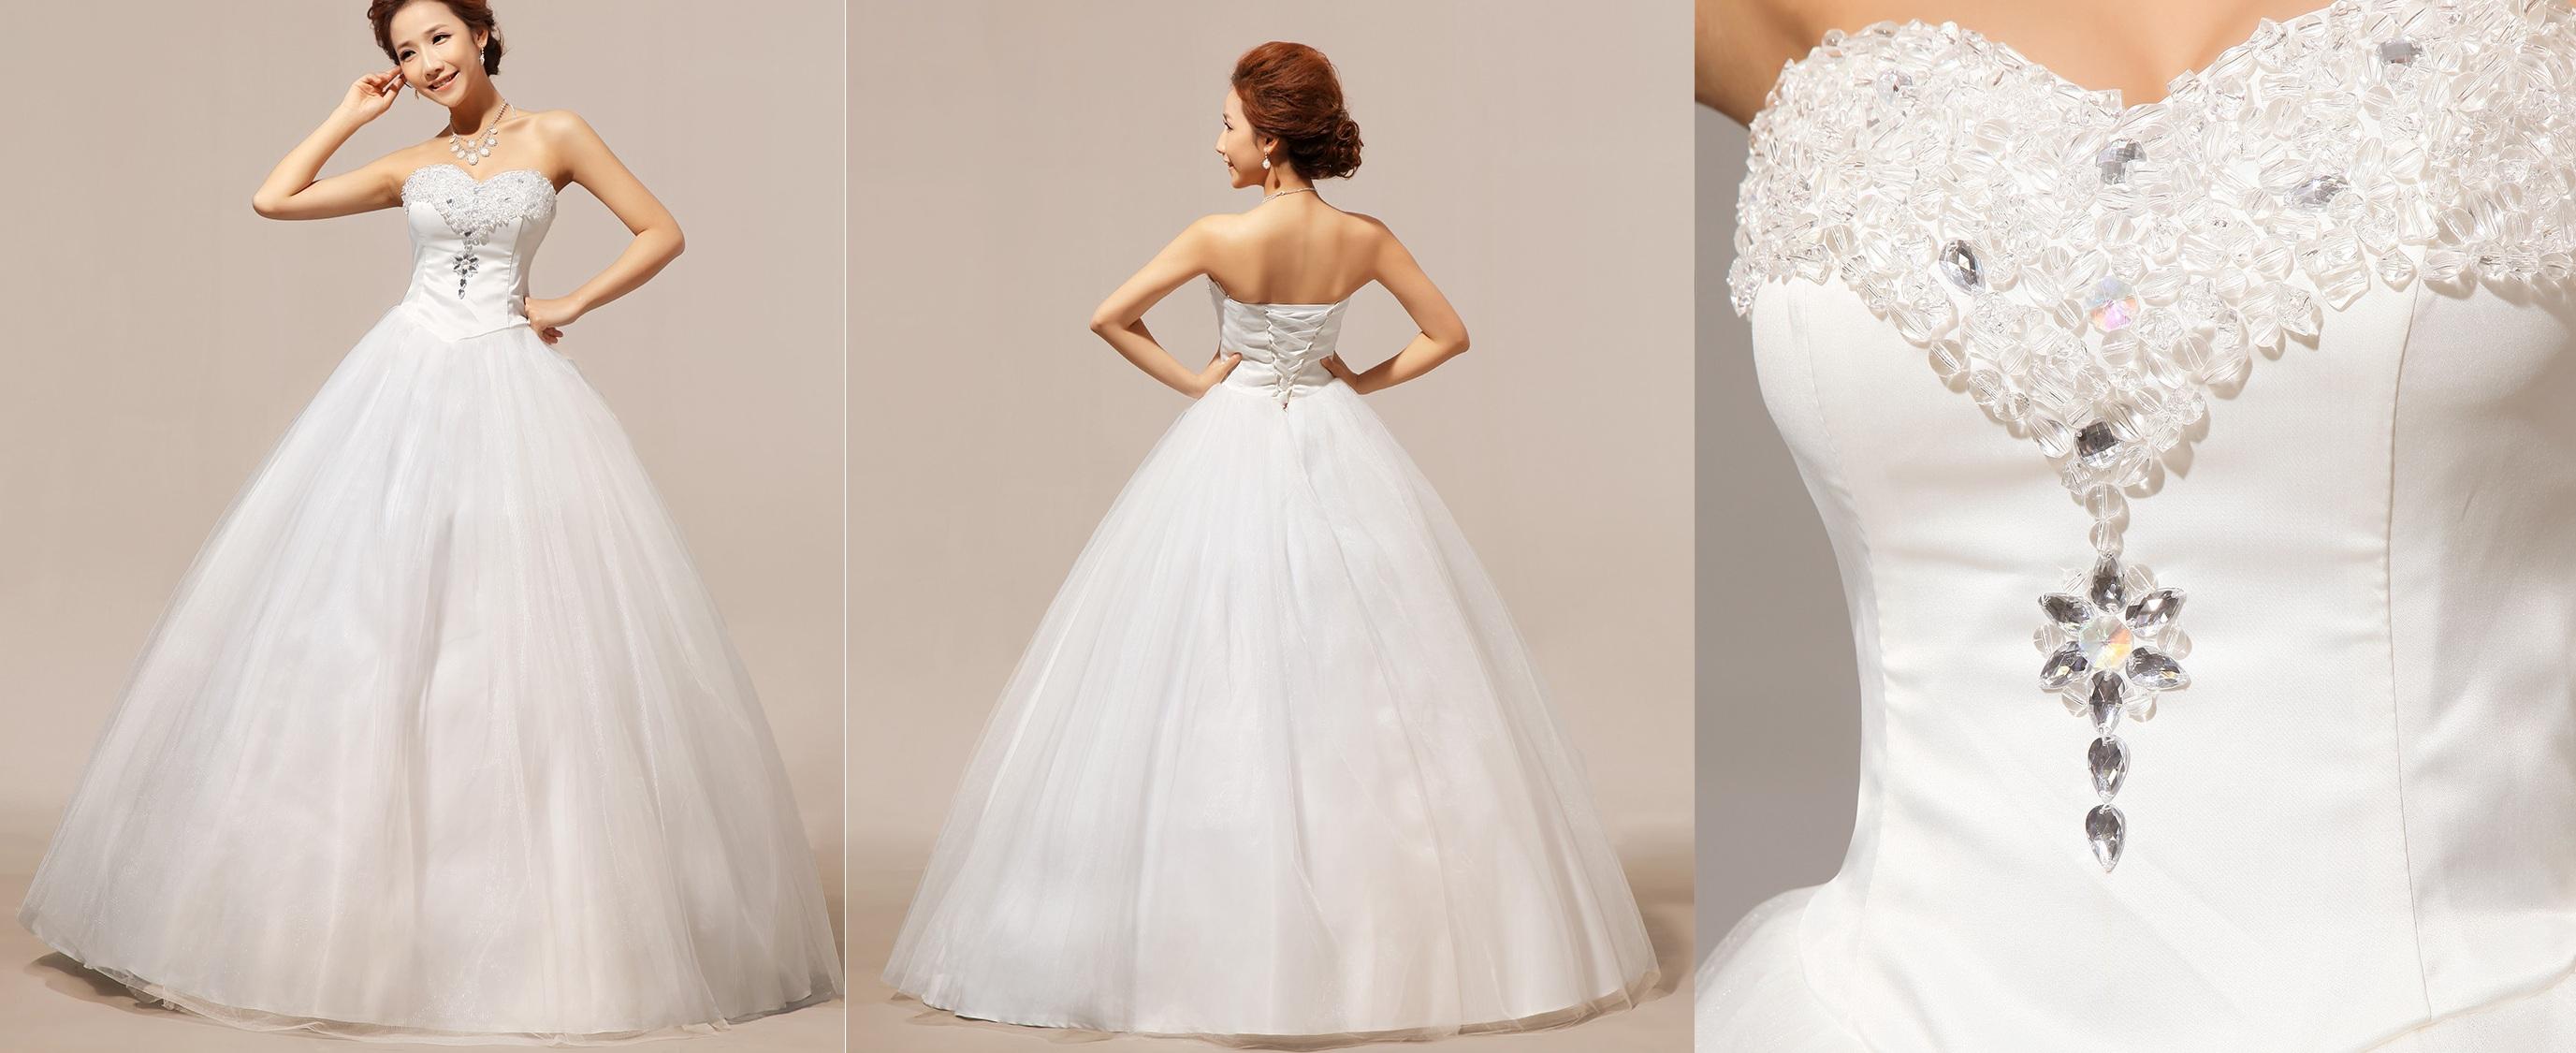 Свадебное платье заказала в китае